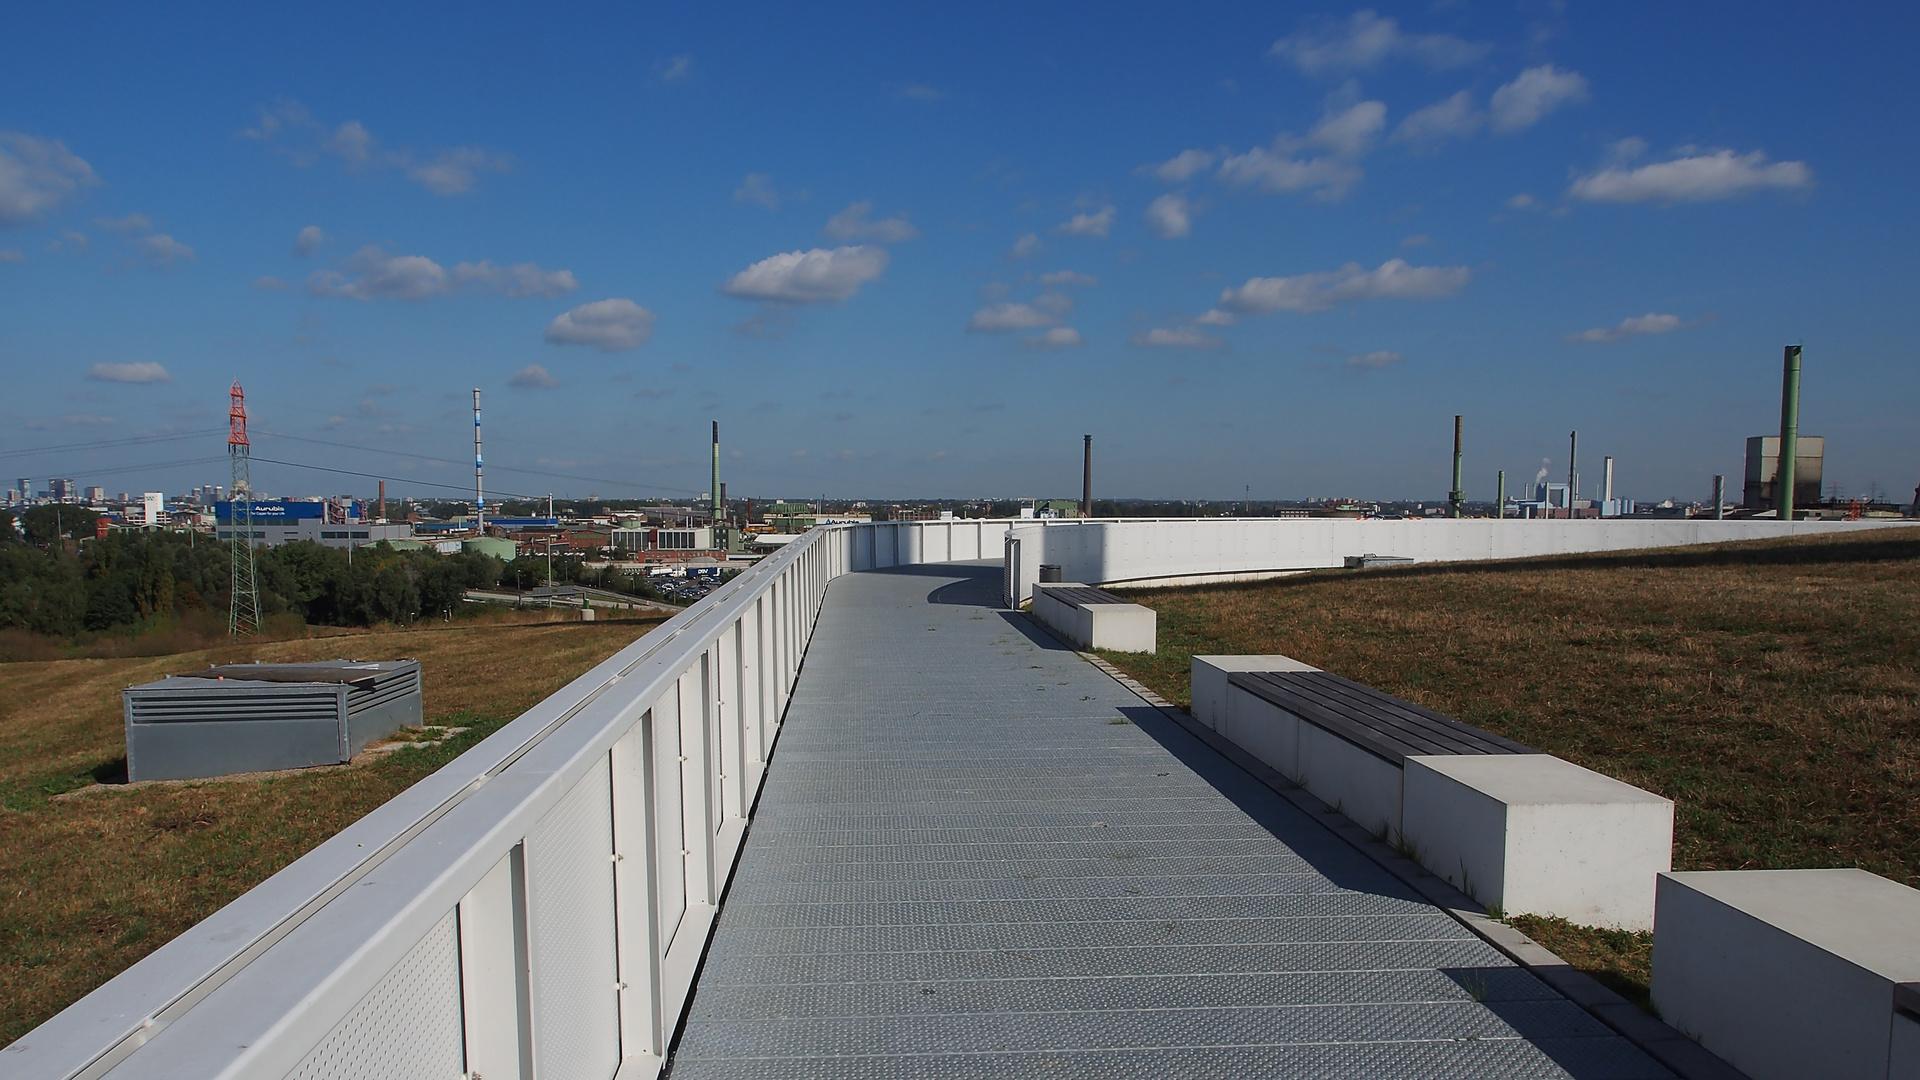 Panorama, halb verdeckt